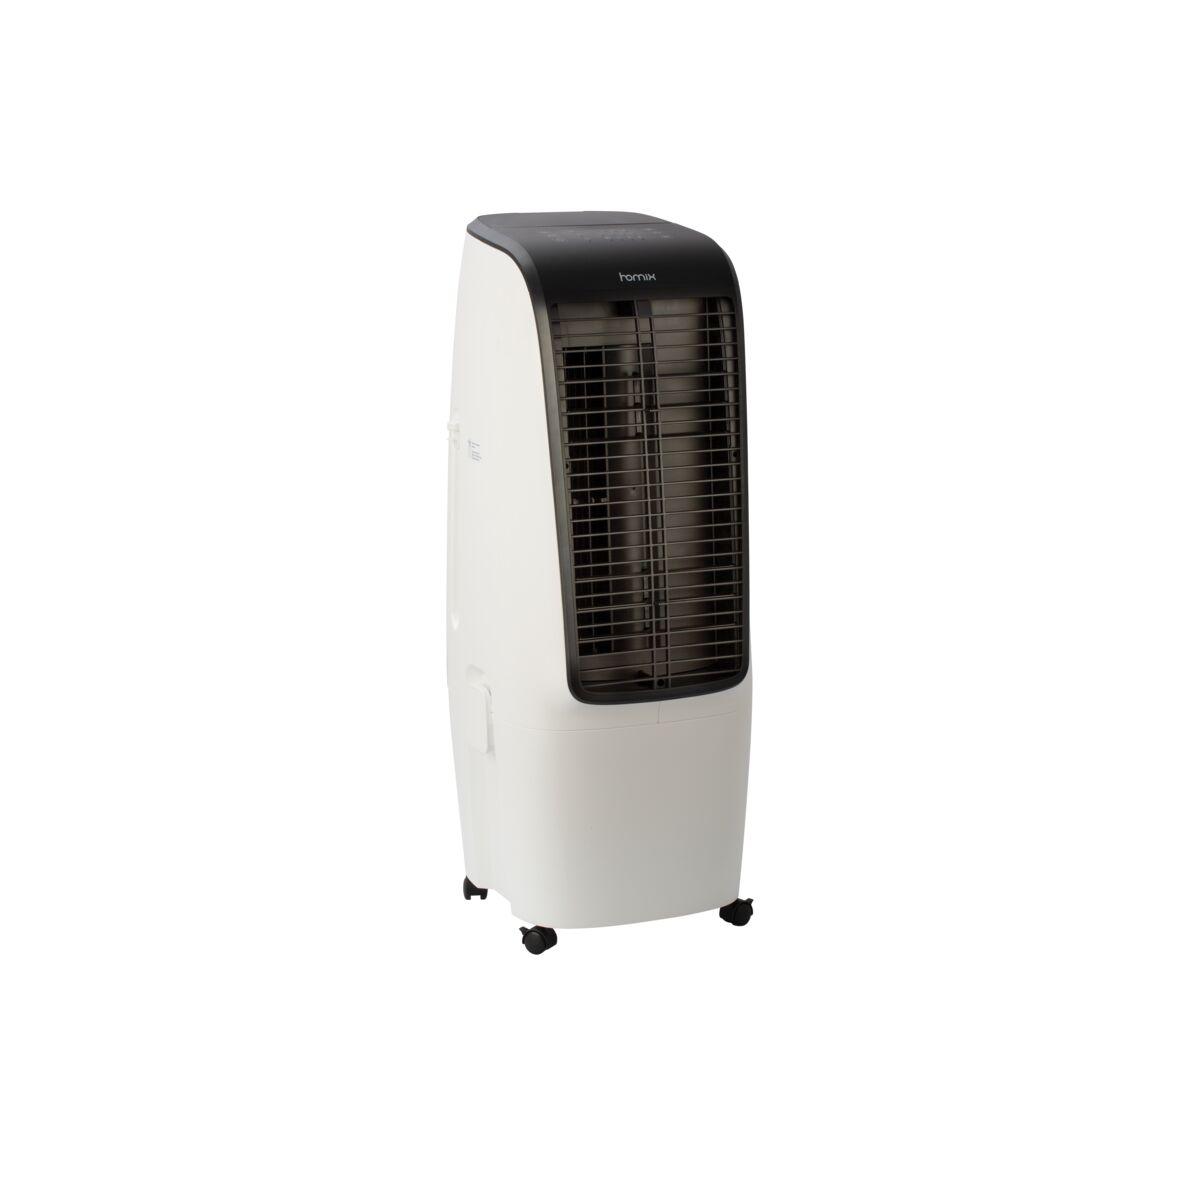 مكيف هواء متعدد الوظائف ٢٠لتر ١١٠واط Homix العلامات التجارية Saco Store